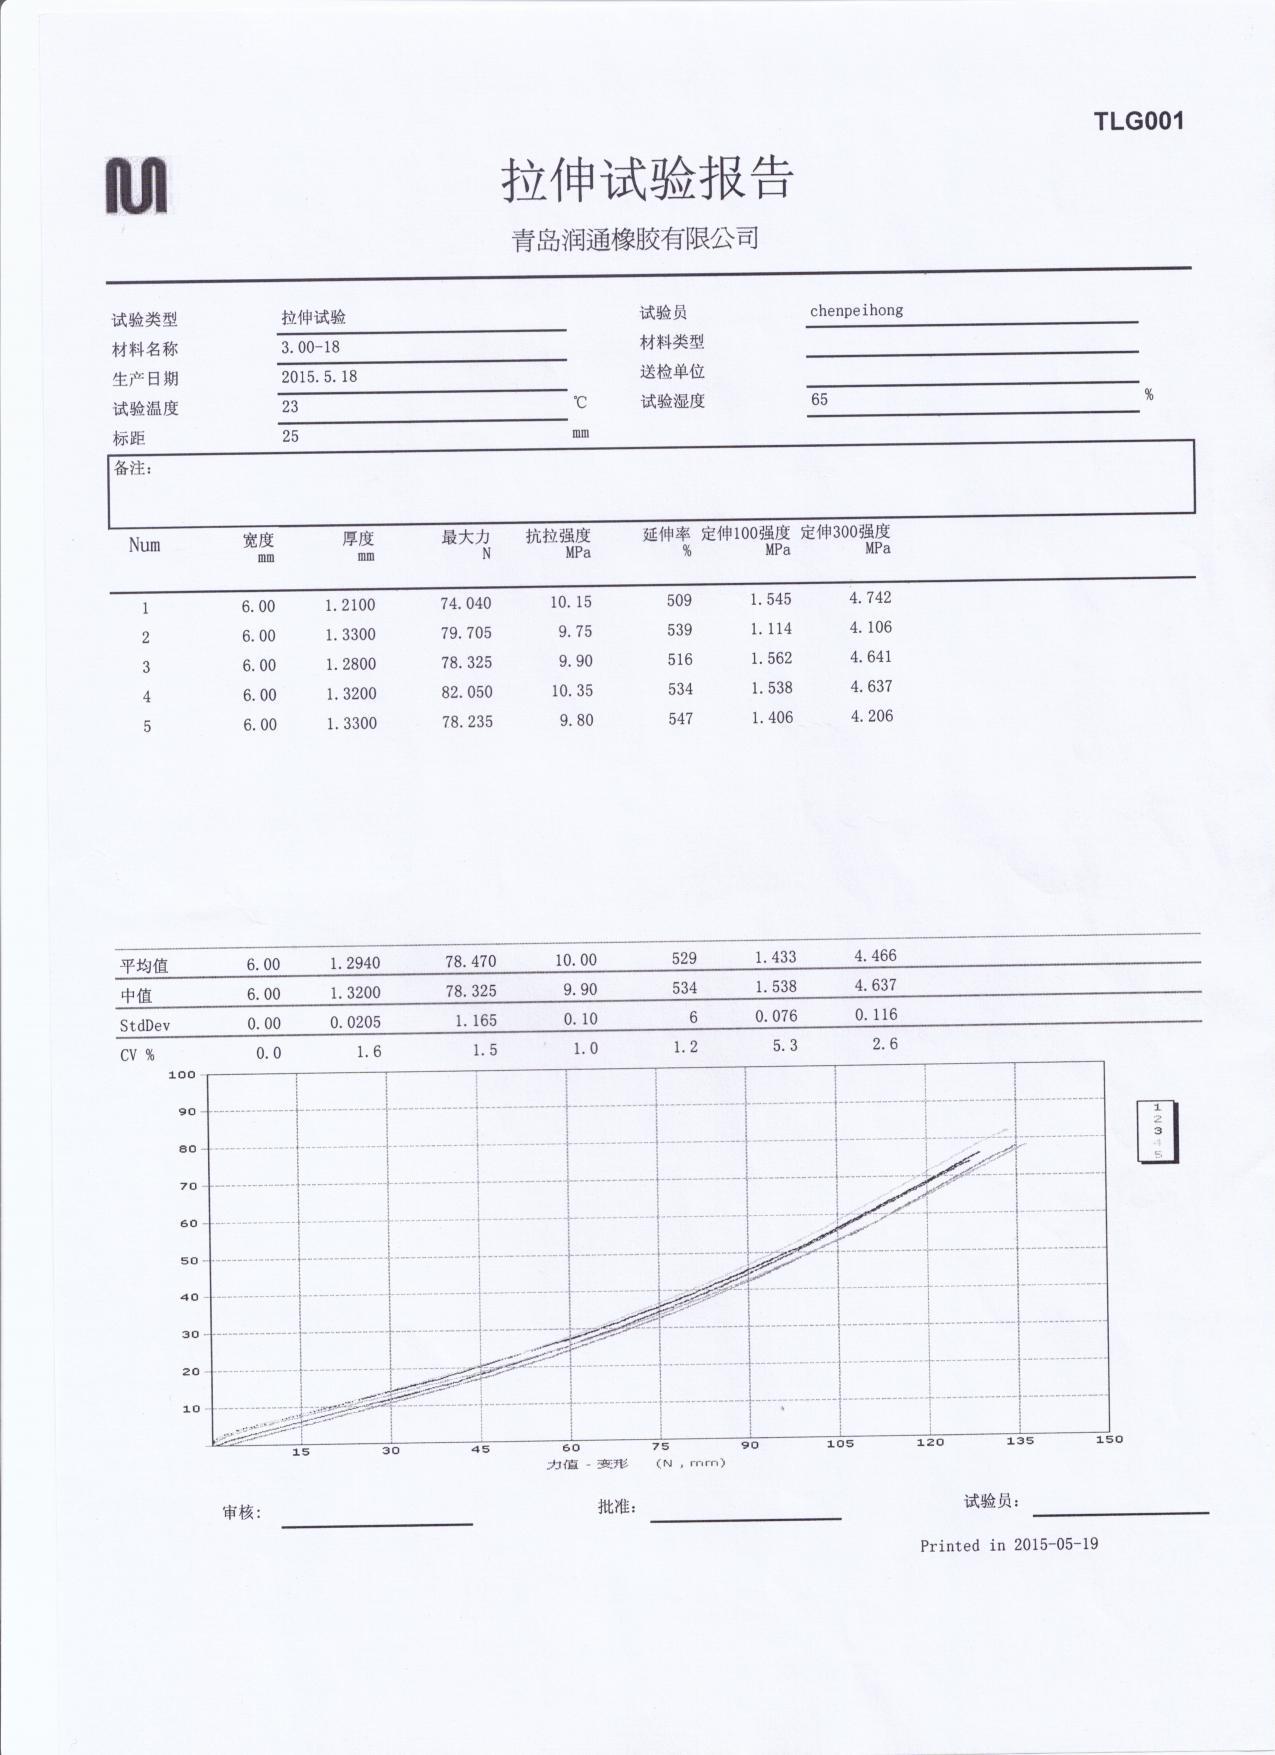 TUBE TESTING REPORT 300-18